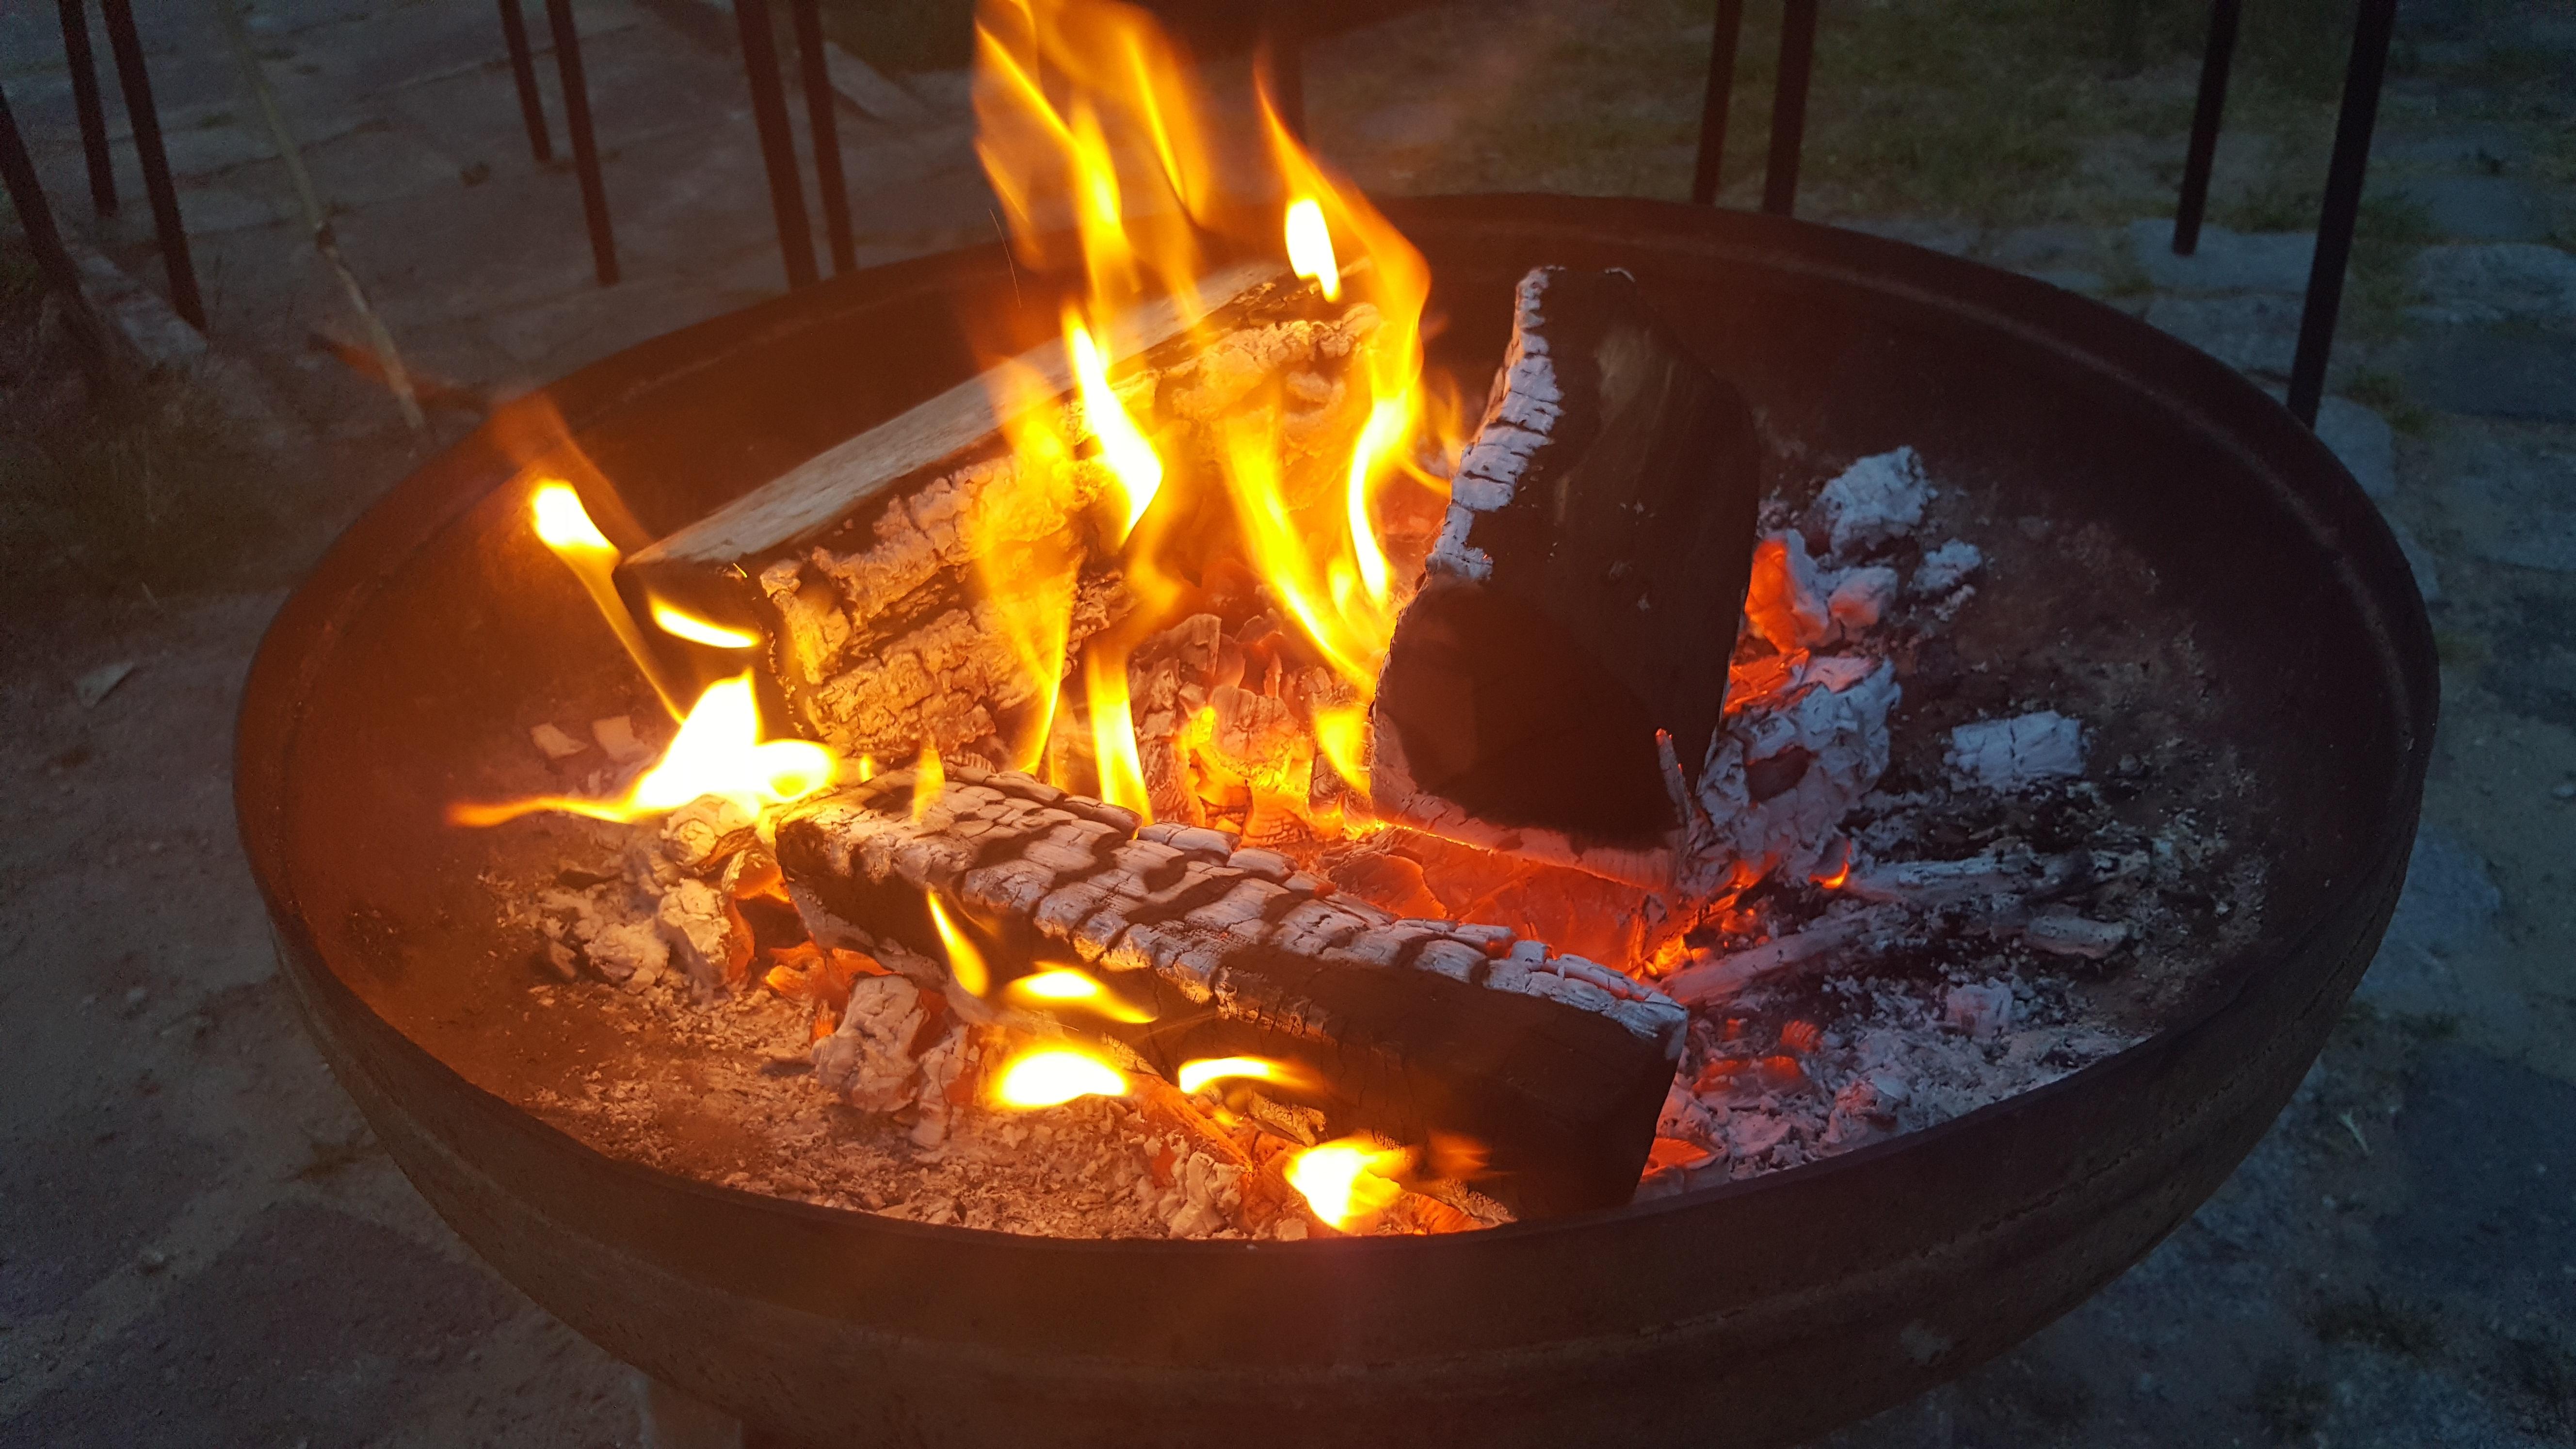 무료 이미지 : 목재, 연기, 불꽃, 장작, 캠프 불, 조명, 고기, 야외 ...